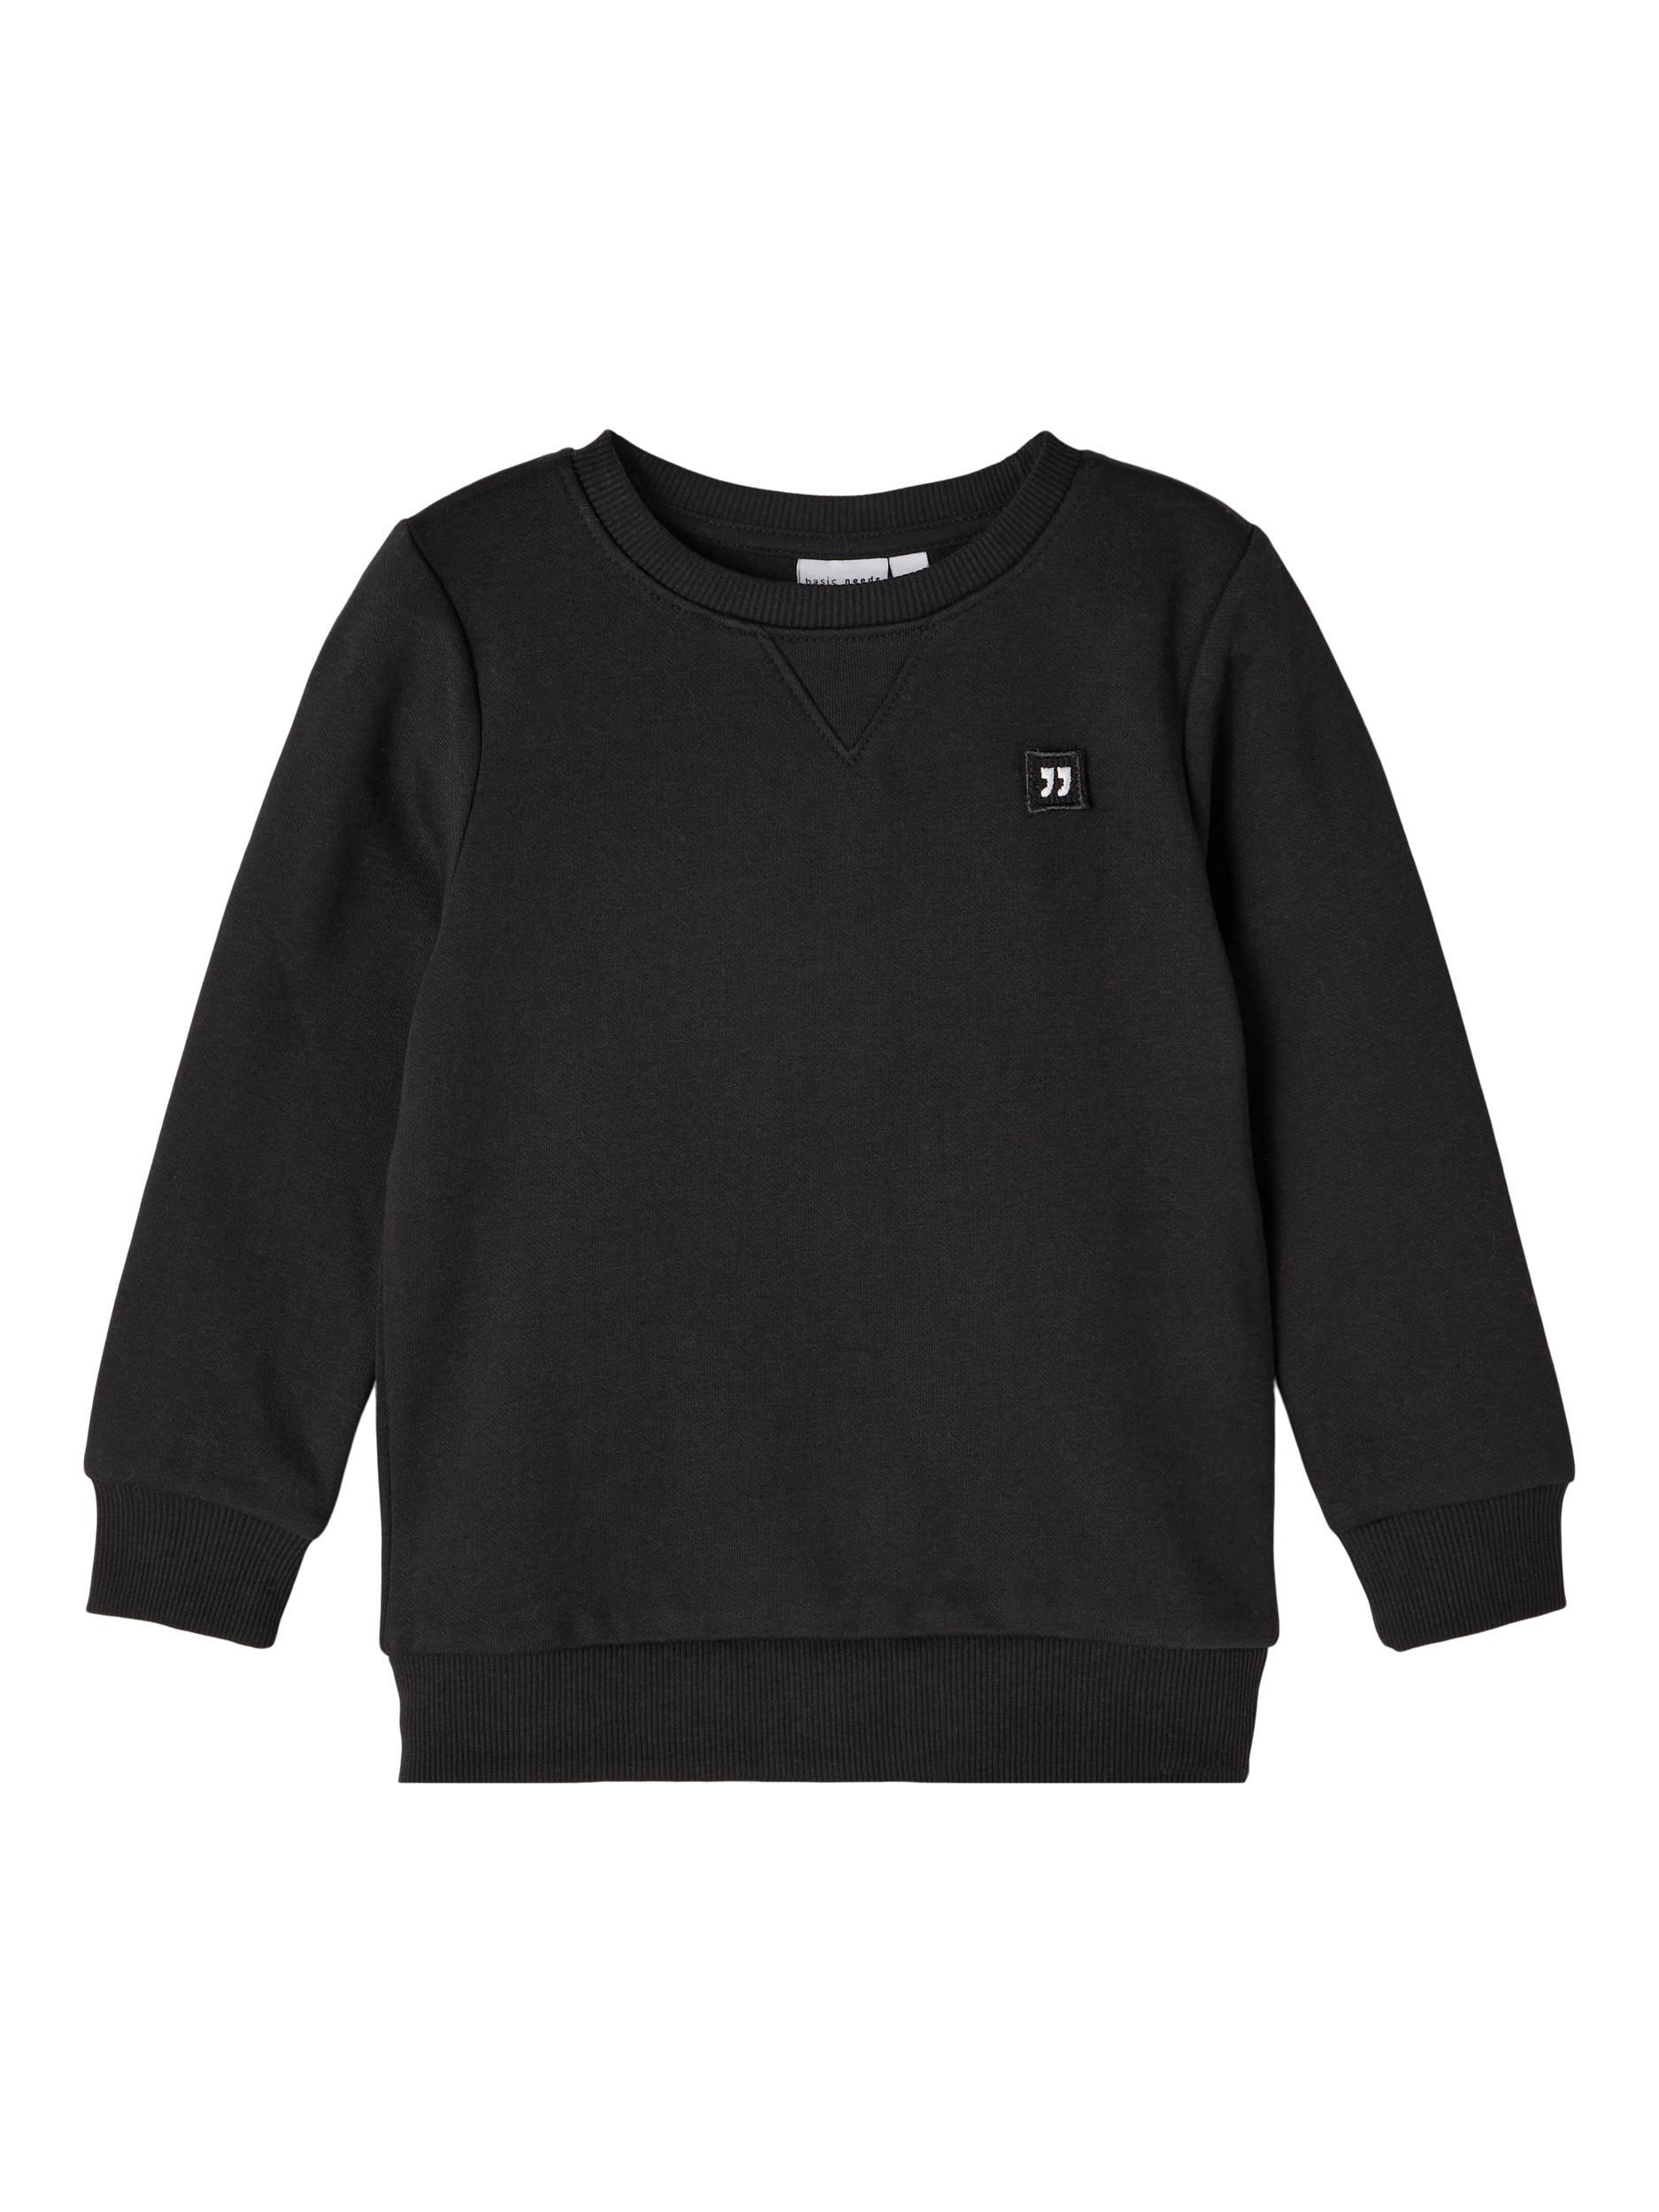 Name It Vimo sweatshirt, sort, 92 cm